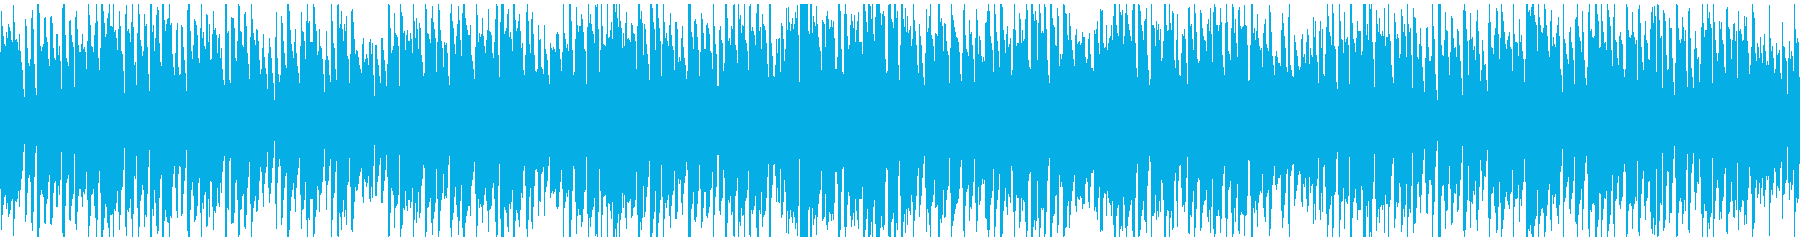 コメディ系の管楽器ポップス劇伴※ループ版の再生済みの波形